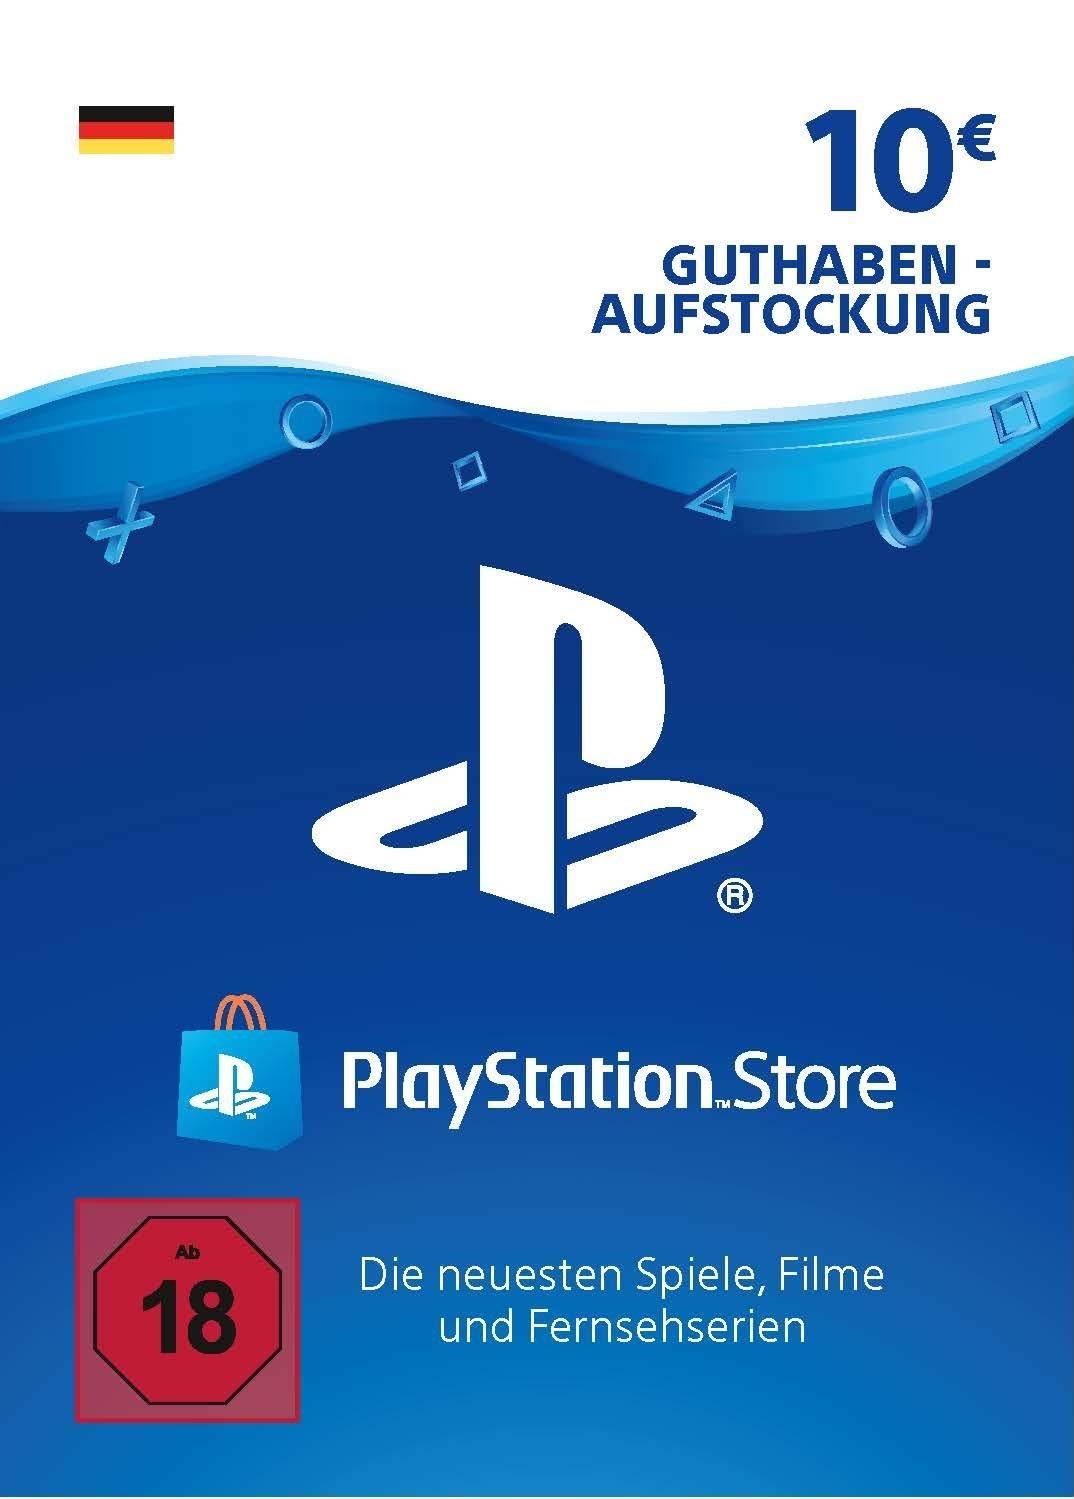 PlayStation Store Guthaben 10 Euro Deutschland